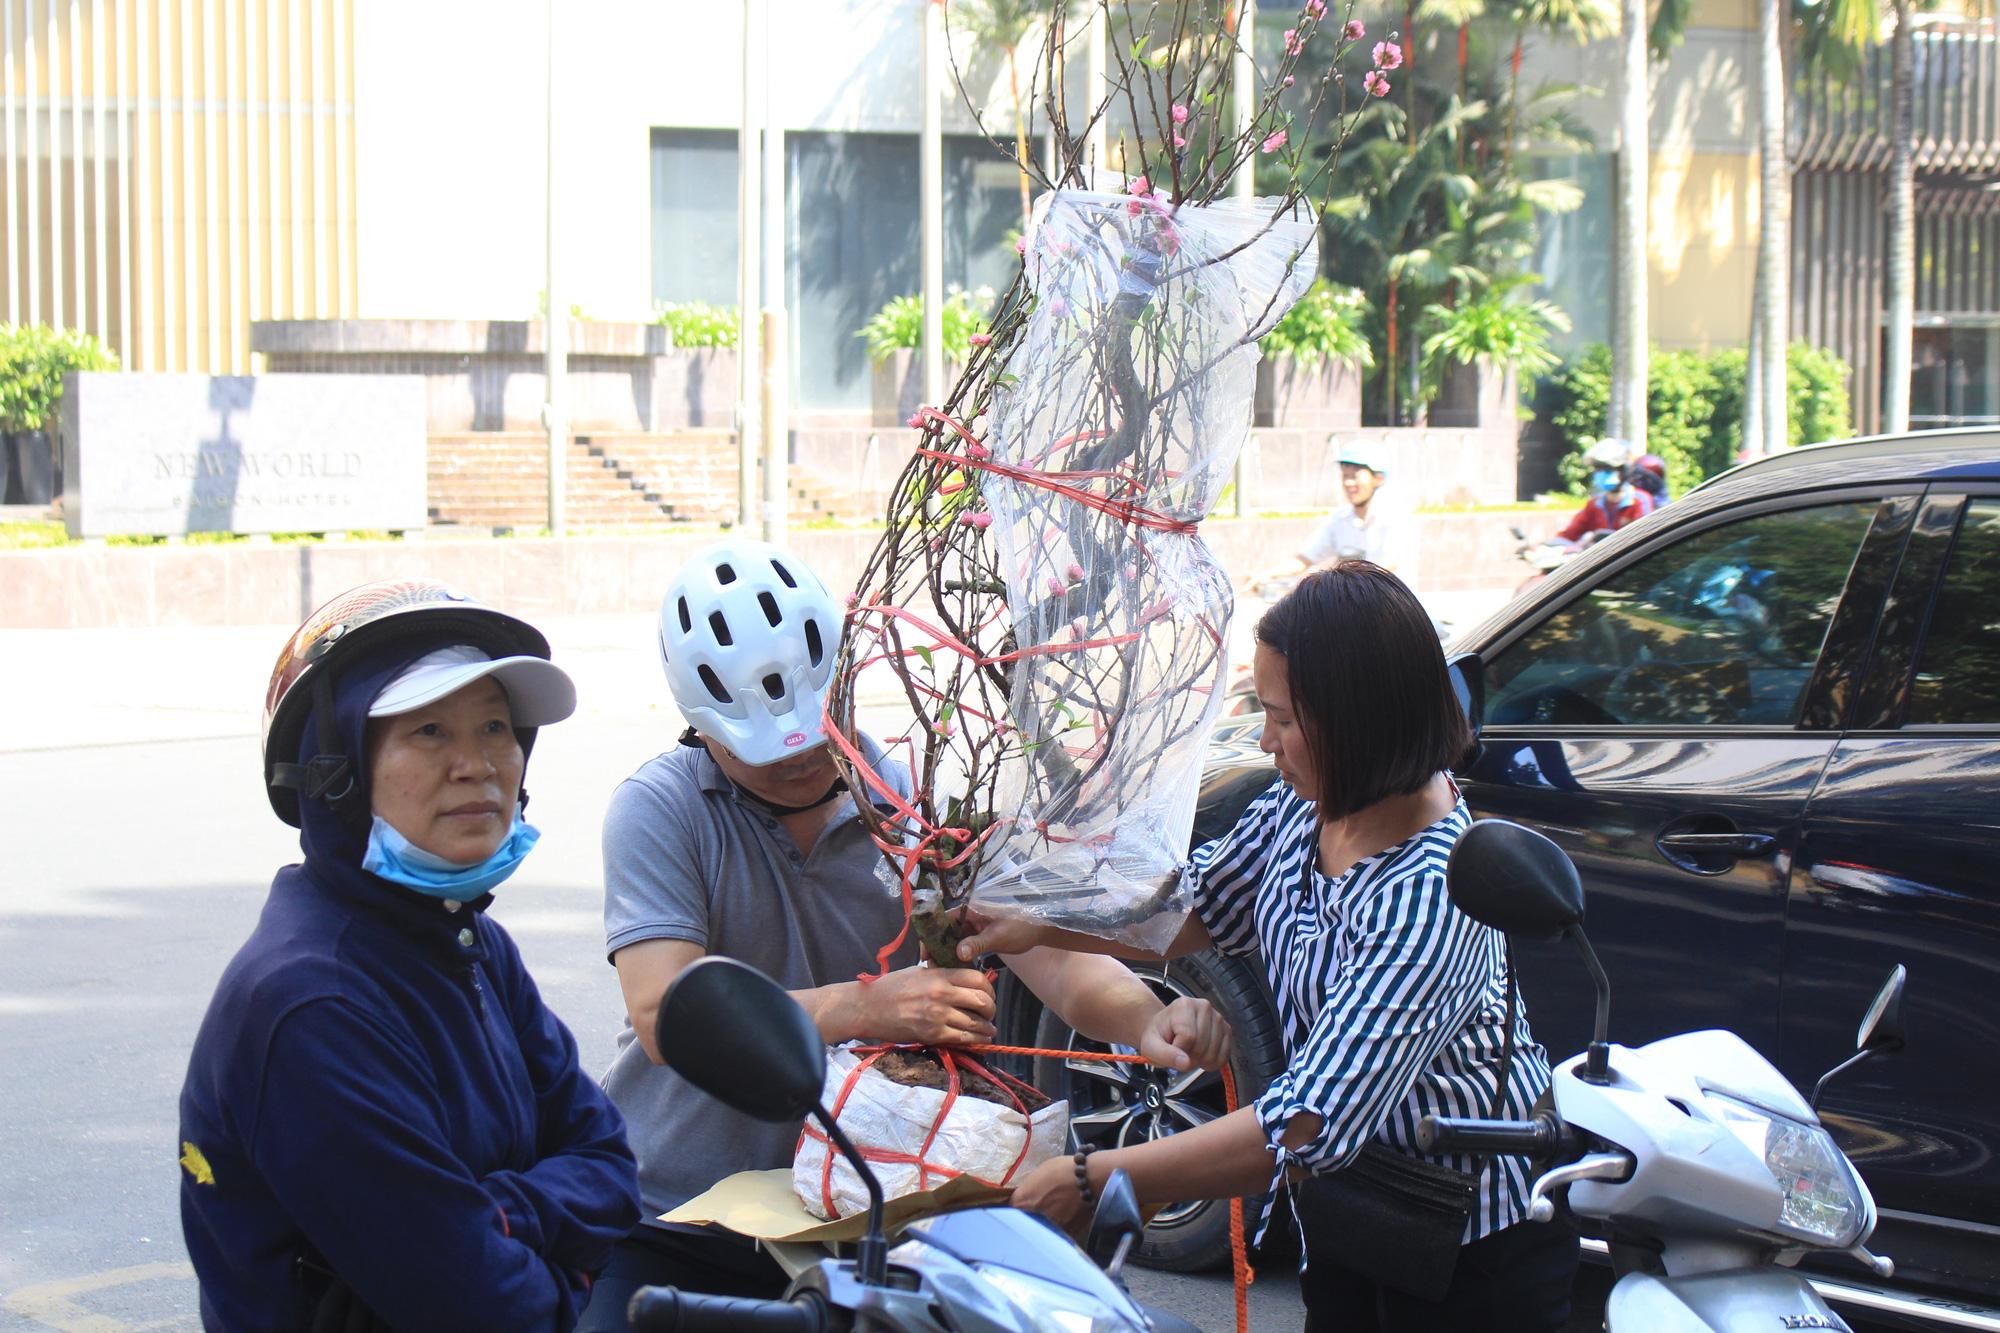 28 Tết, đào Nhật Tân tại chợ hoa Sài Gòn bắt đầu giảm giá, thuận mua vừa bán nên hút khách - Ảnh 7.